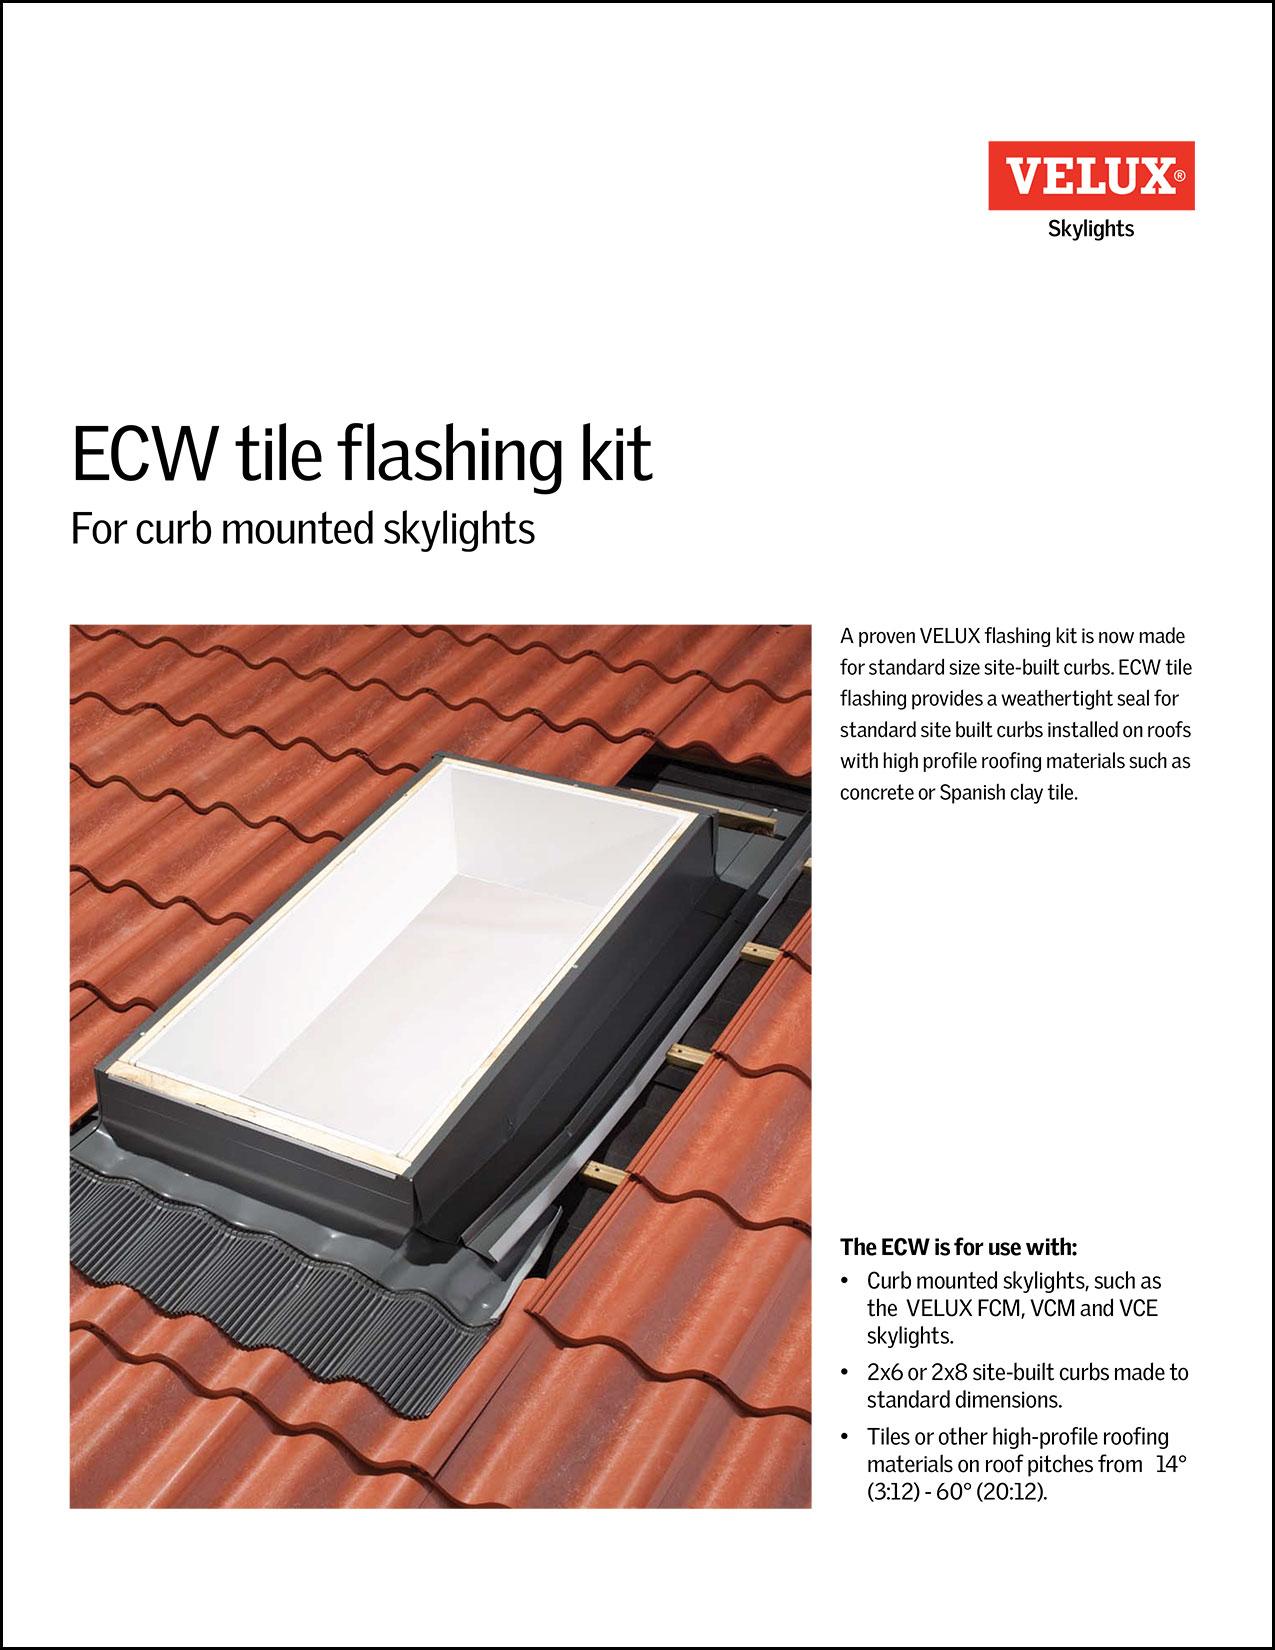 ECW Tile flashing kit brochure